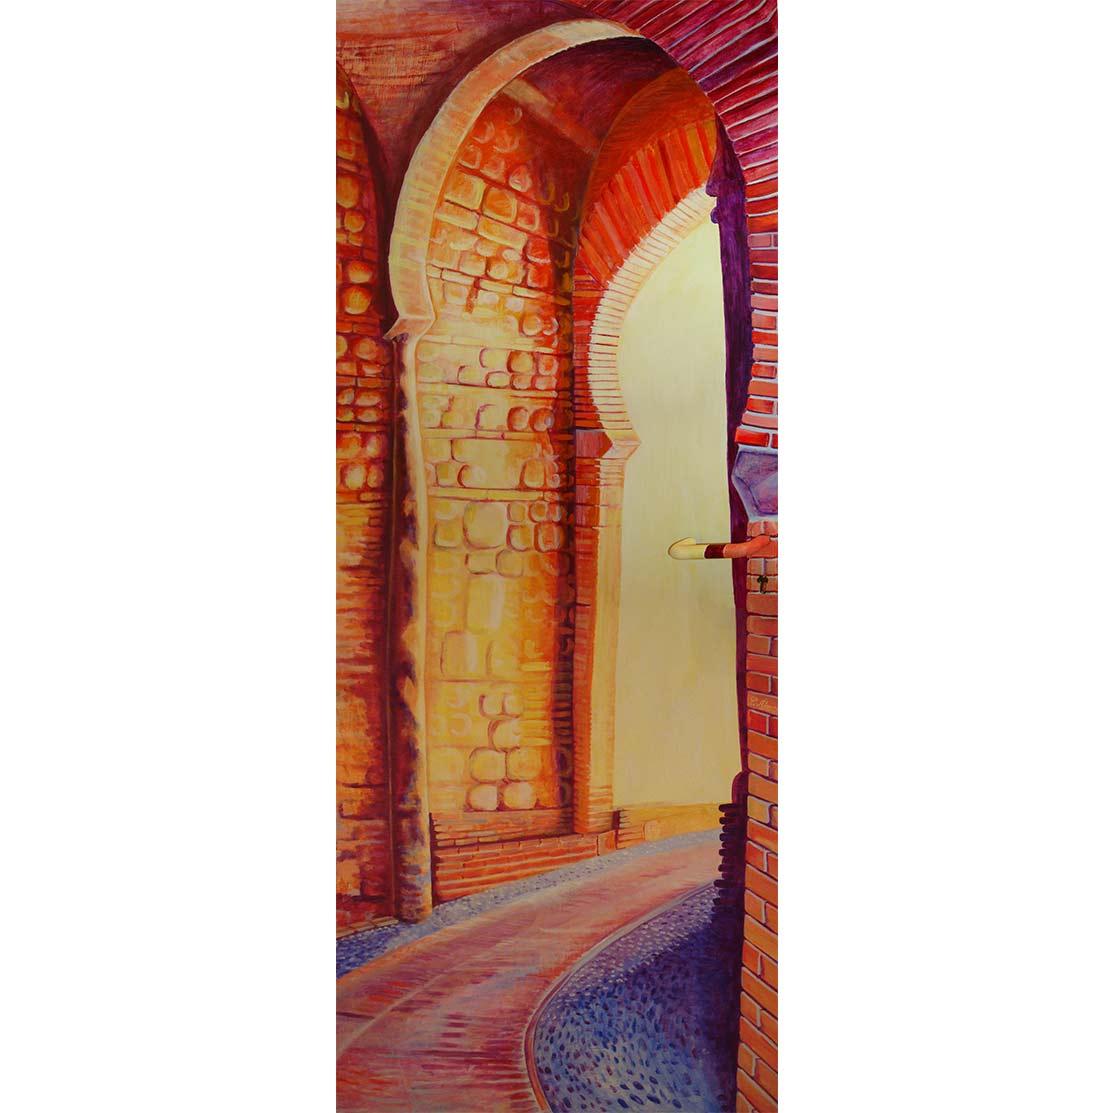 ATRAVESANDO LA PUERTA EN RECODO Acrílico sobre puerta de metal 205 x 85 cm